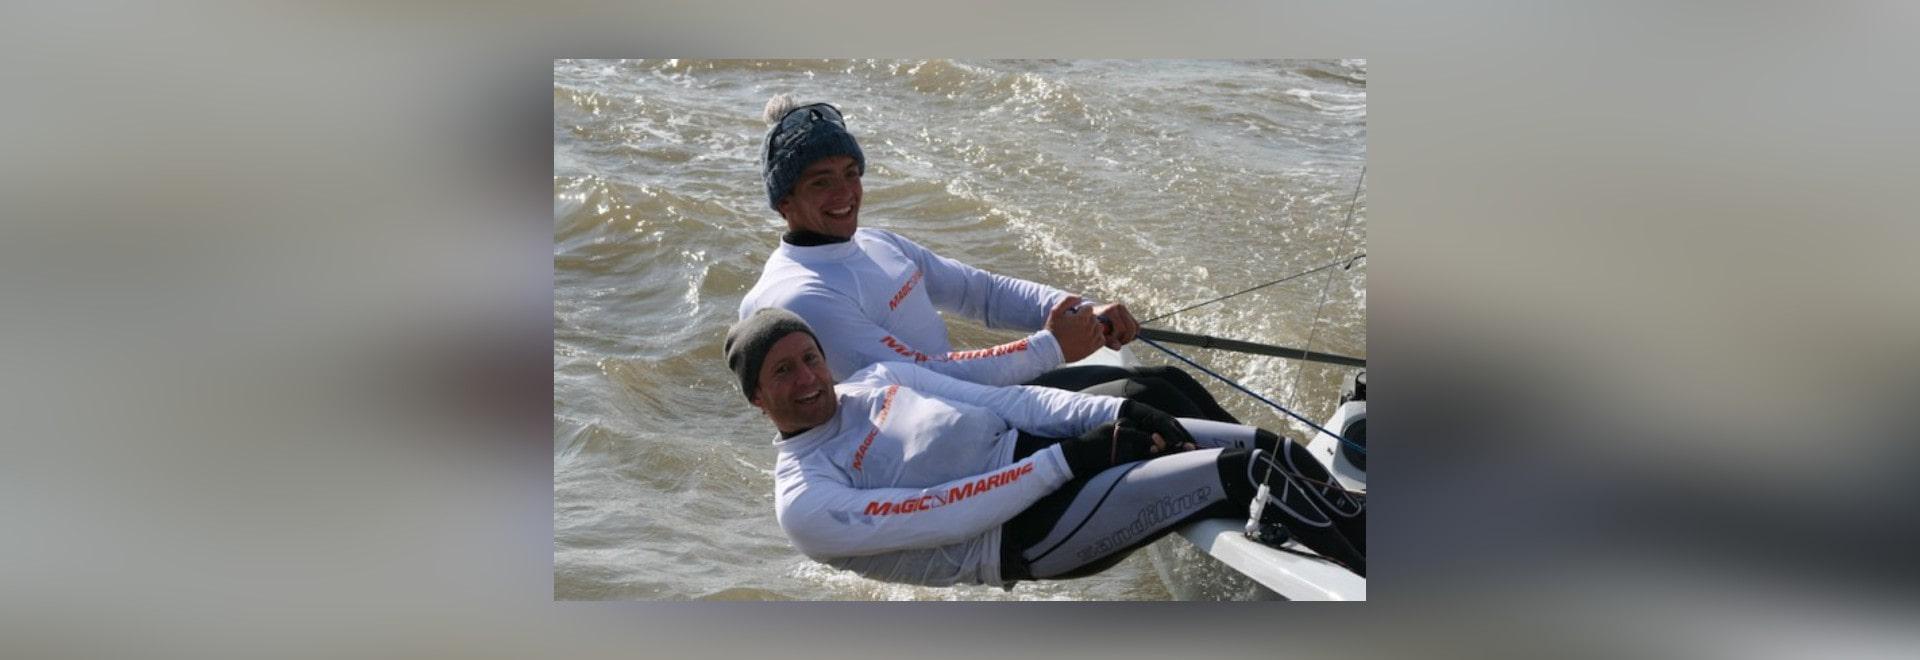 Saxton et Lewis font l'histoire au championnat d'effort